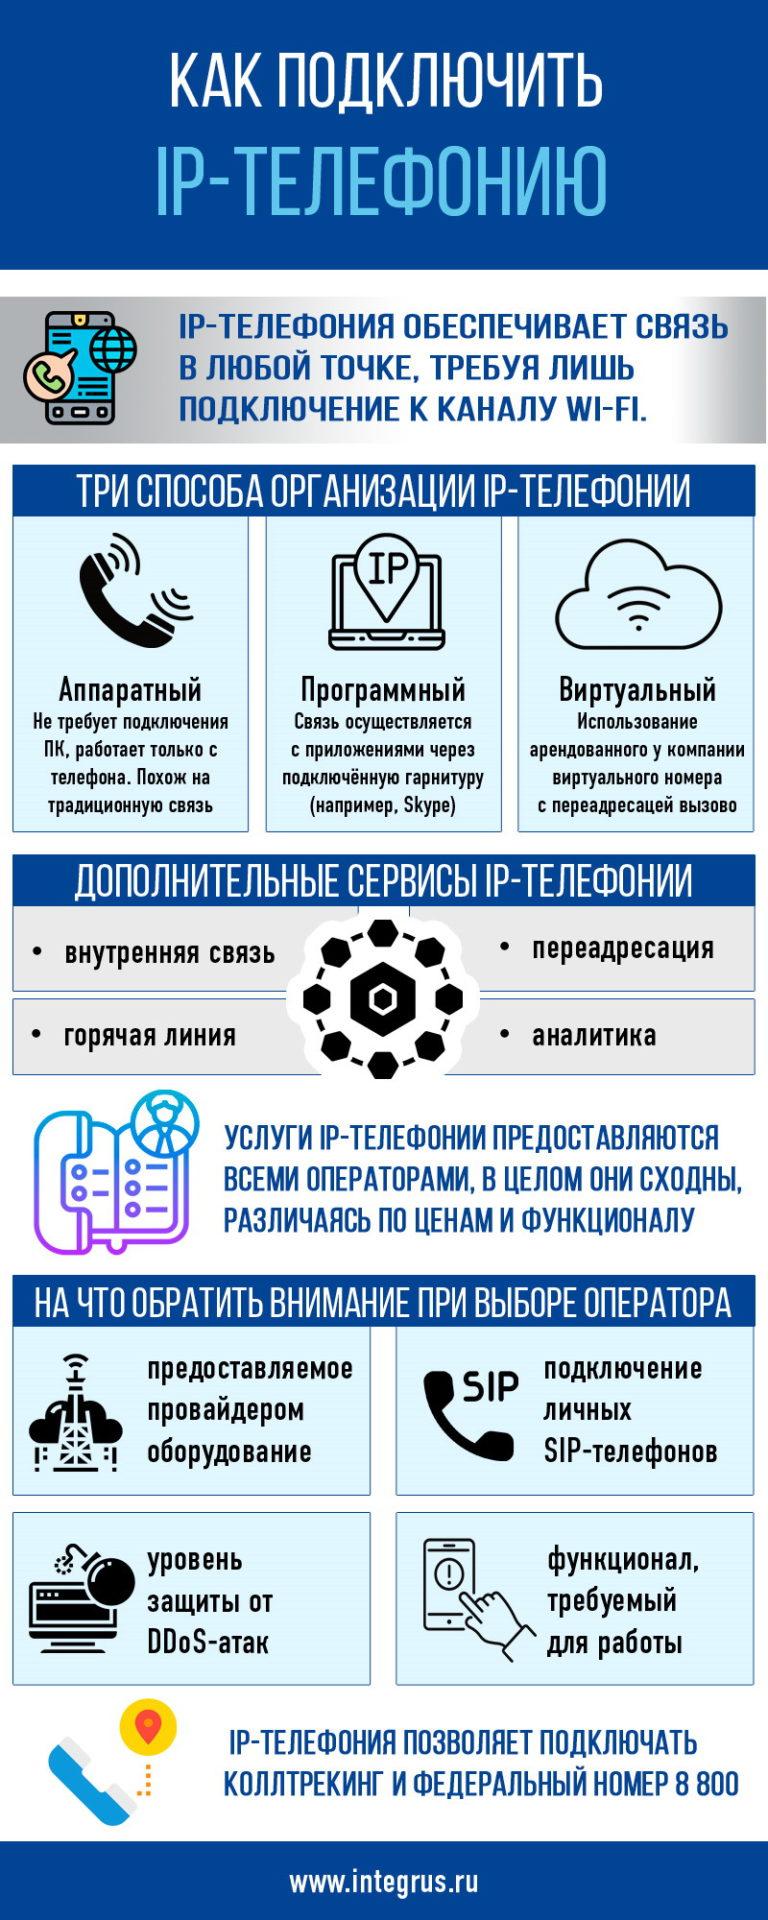 Как подключить IP телефонию